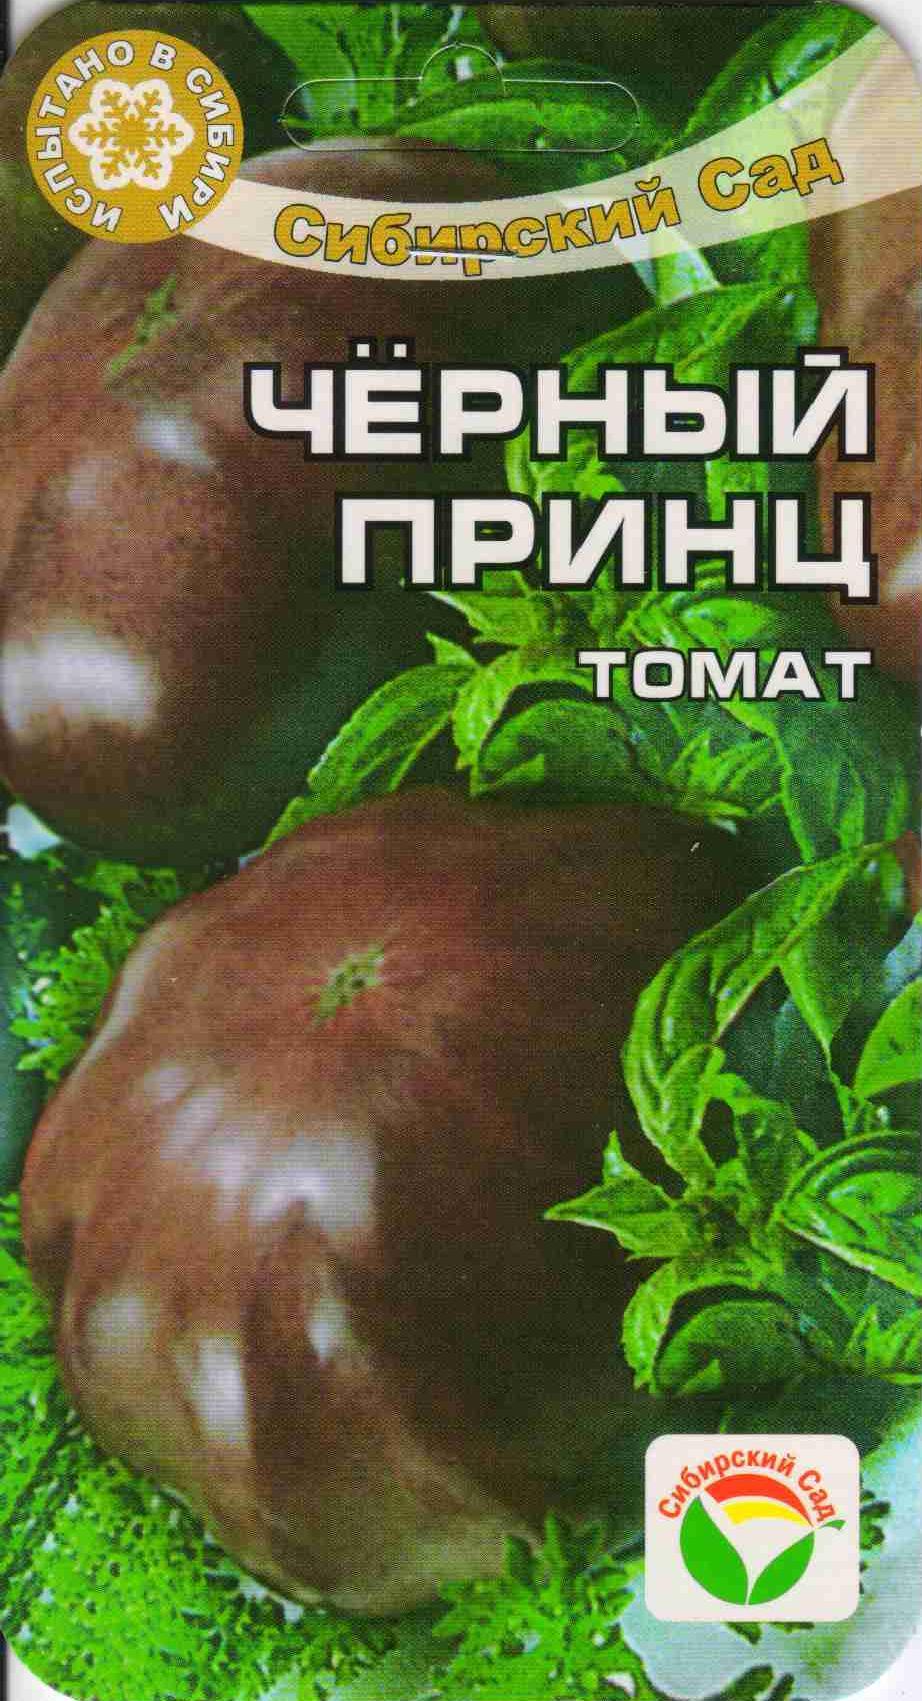 Томат черный принц: особенности выращивания, урожайность сорта